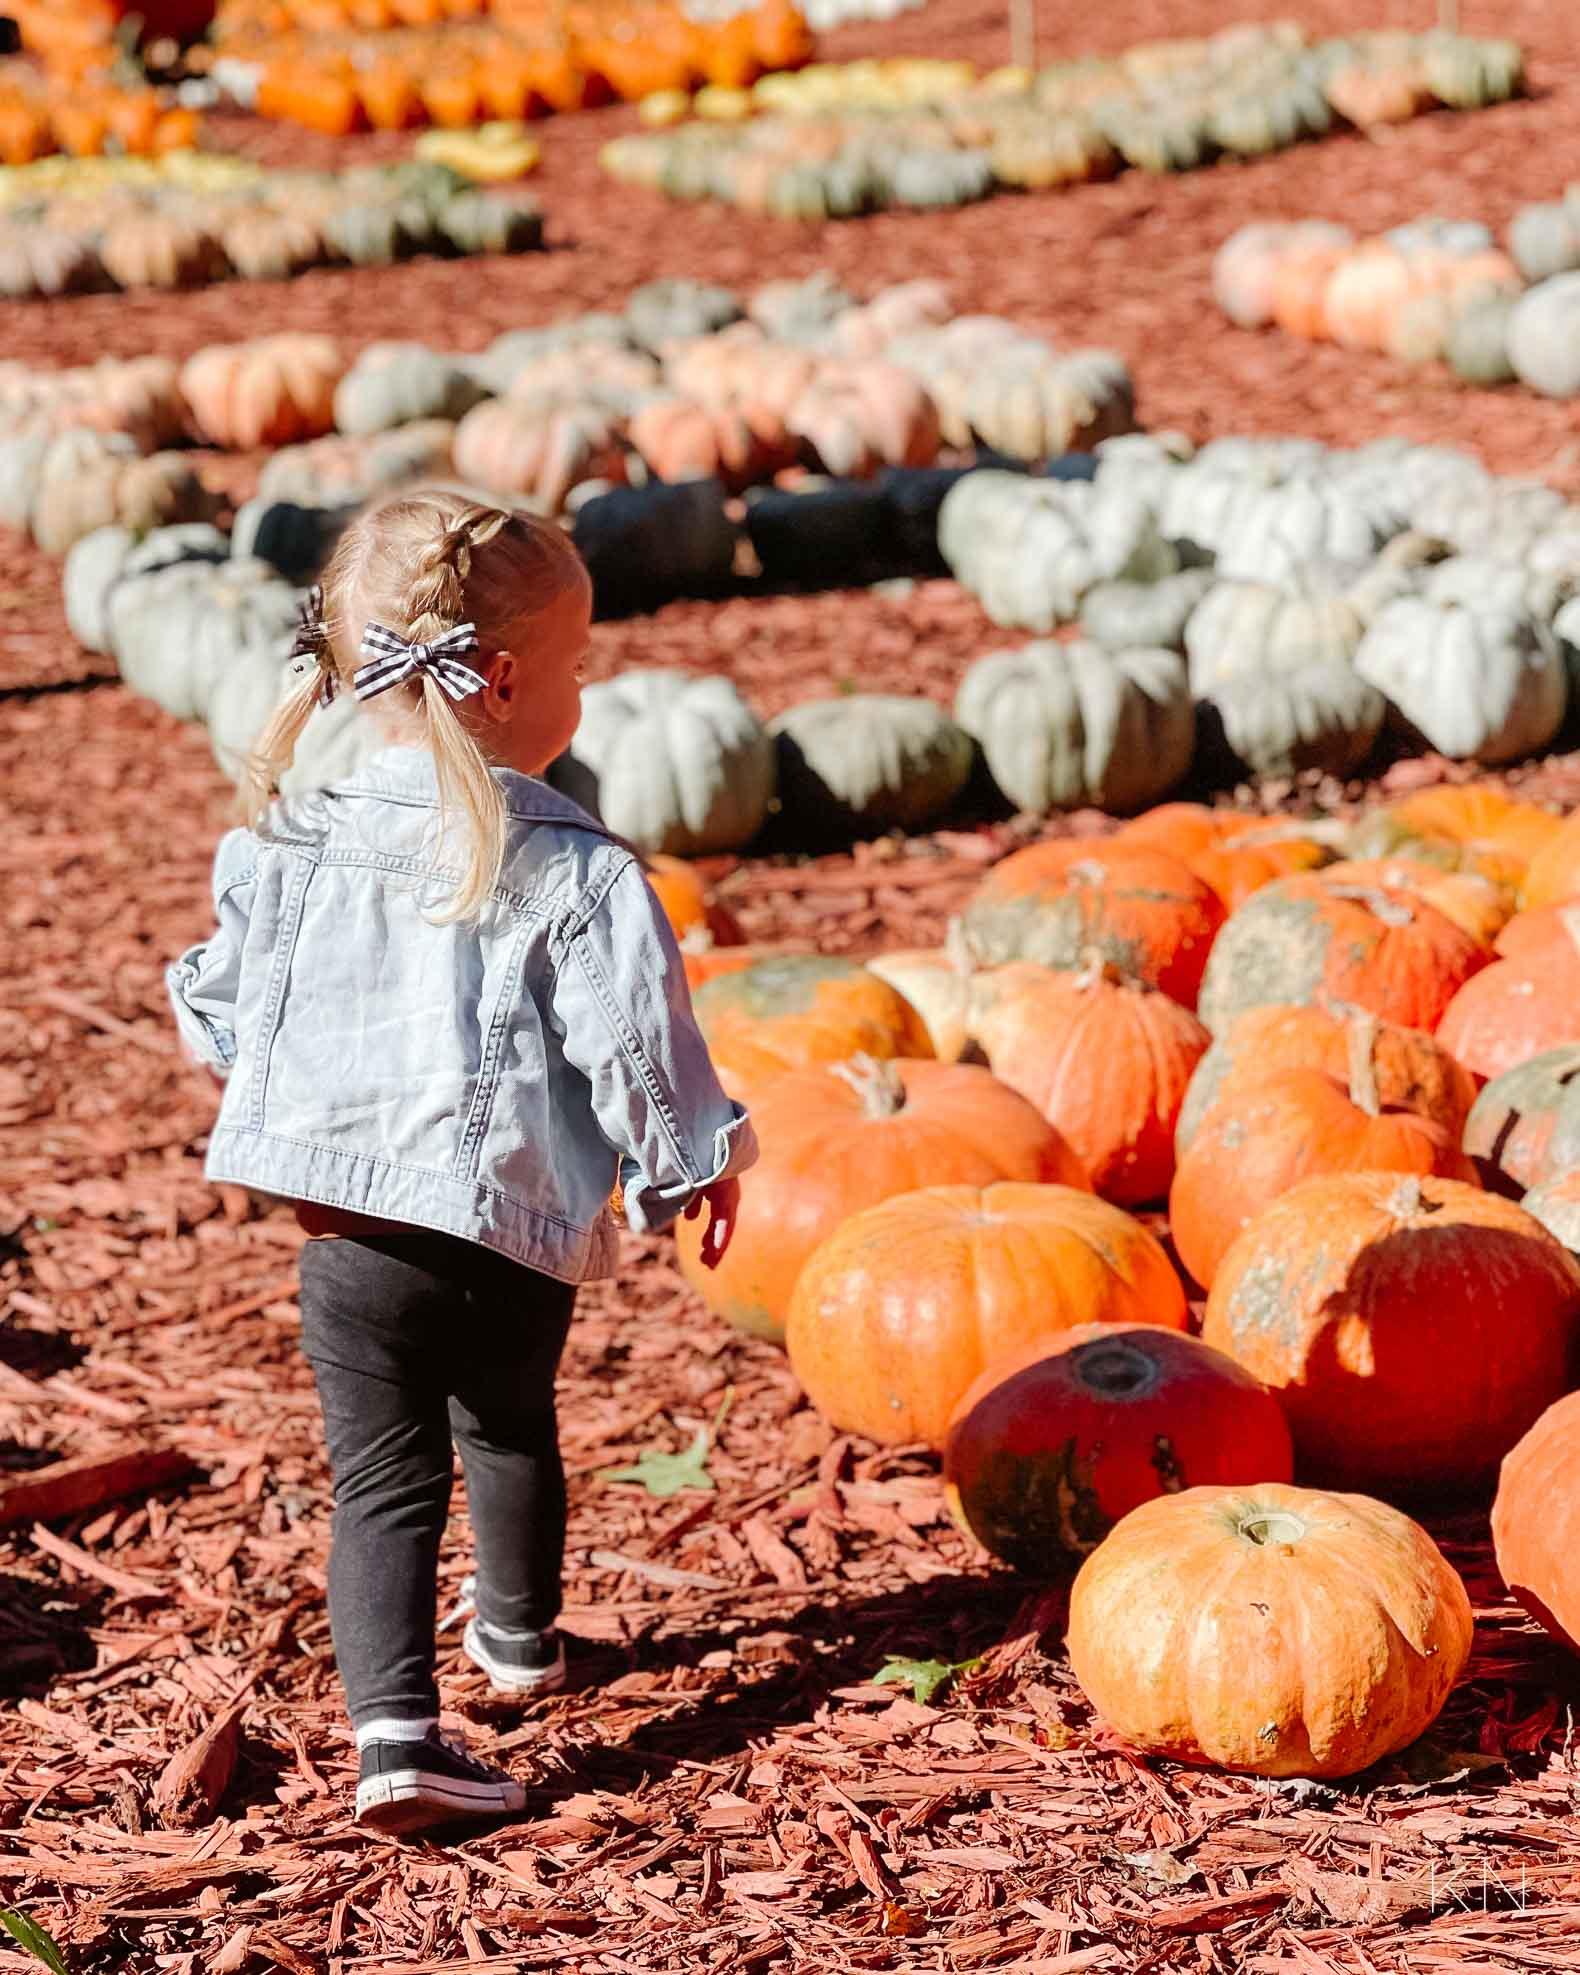 Day at Burt's Pumpkin Farm -- A Pumpkin Patch in North Georgia Mountains